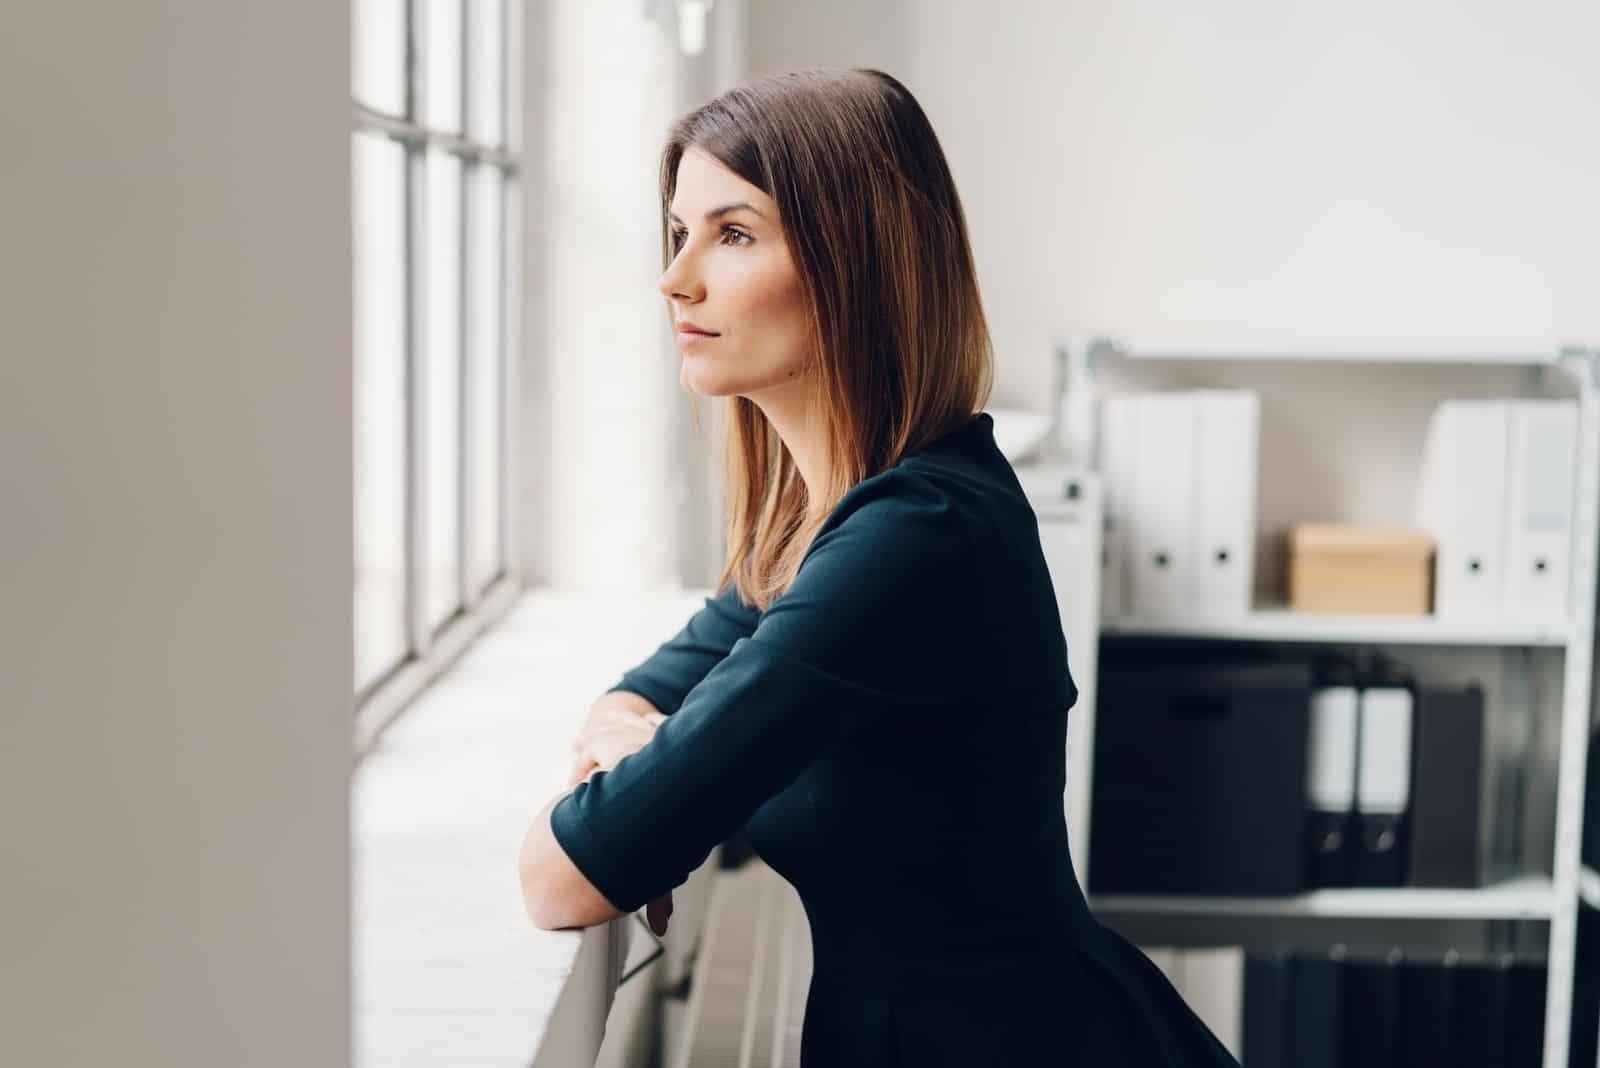 Hübsche Frau, die aus einem Fenster starrt